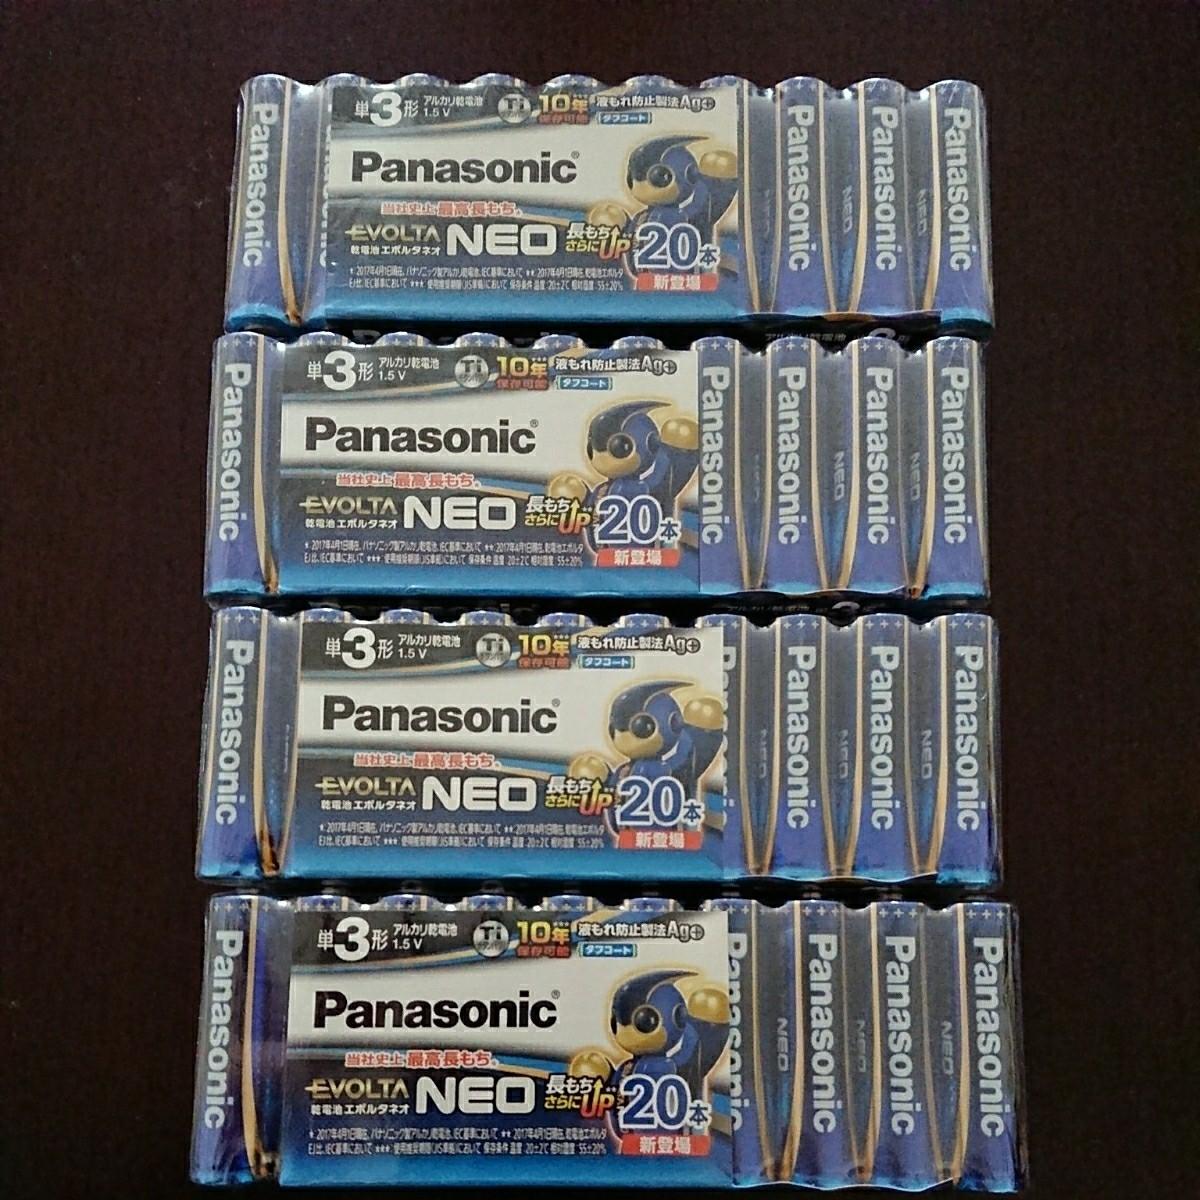 送料無料 80本 パナソニック エボルタ ネオ 単3 新品 Panasonic EVOLTA NEO 最安 アルカリ 乾電池 即決 レターパック ハイパワー お得